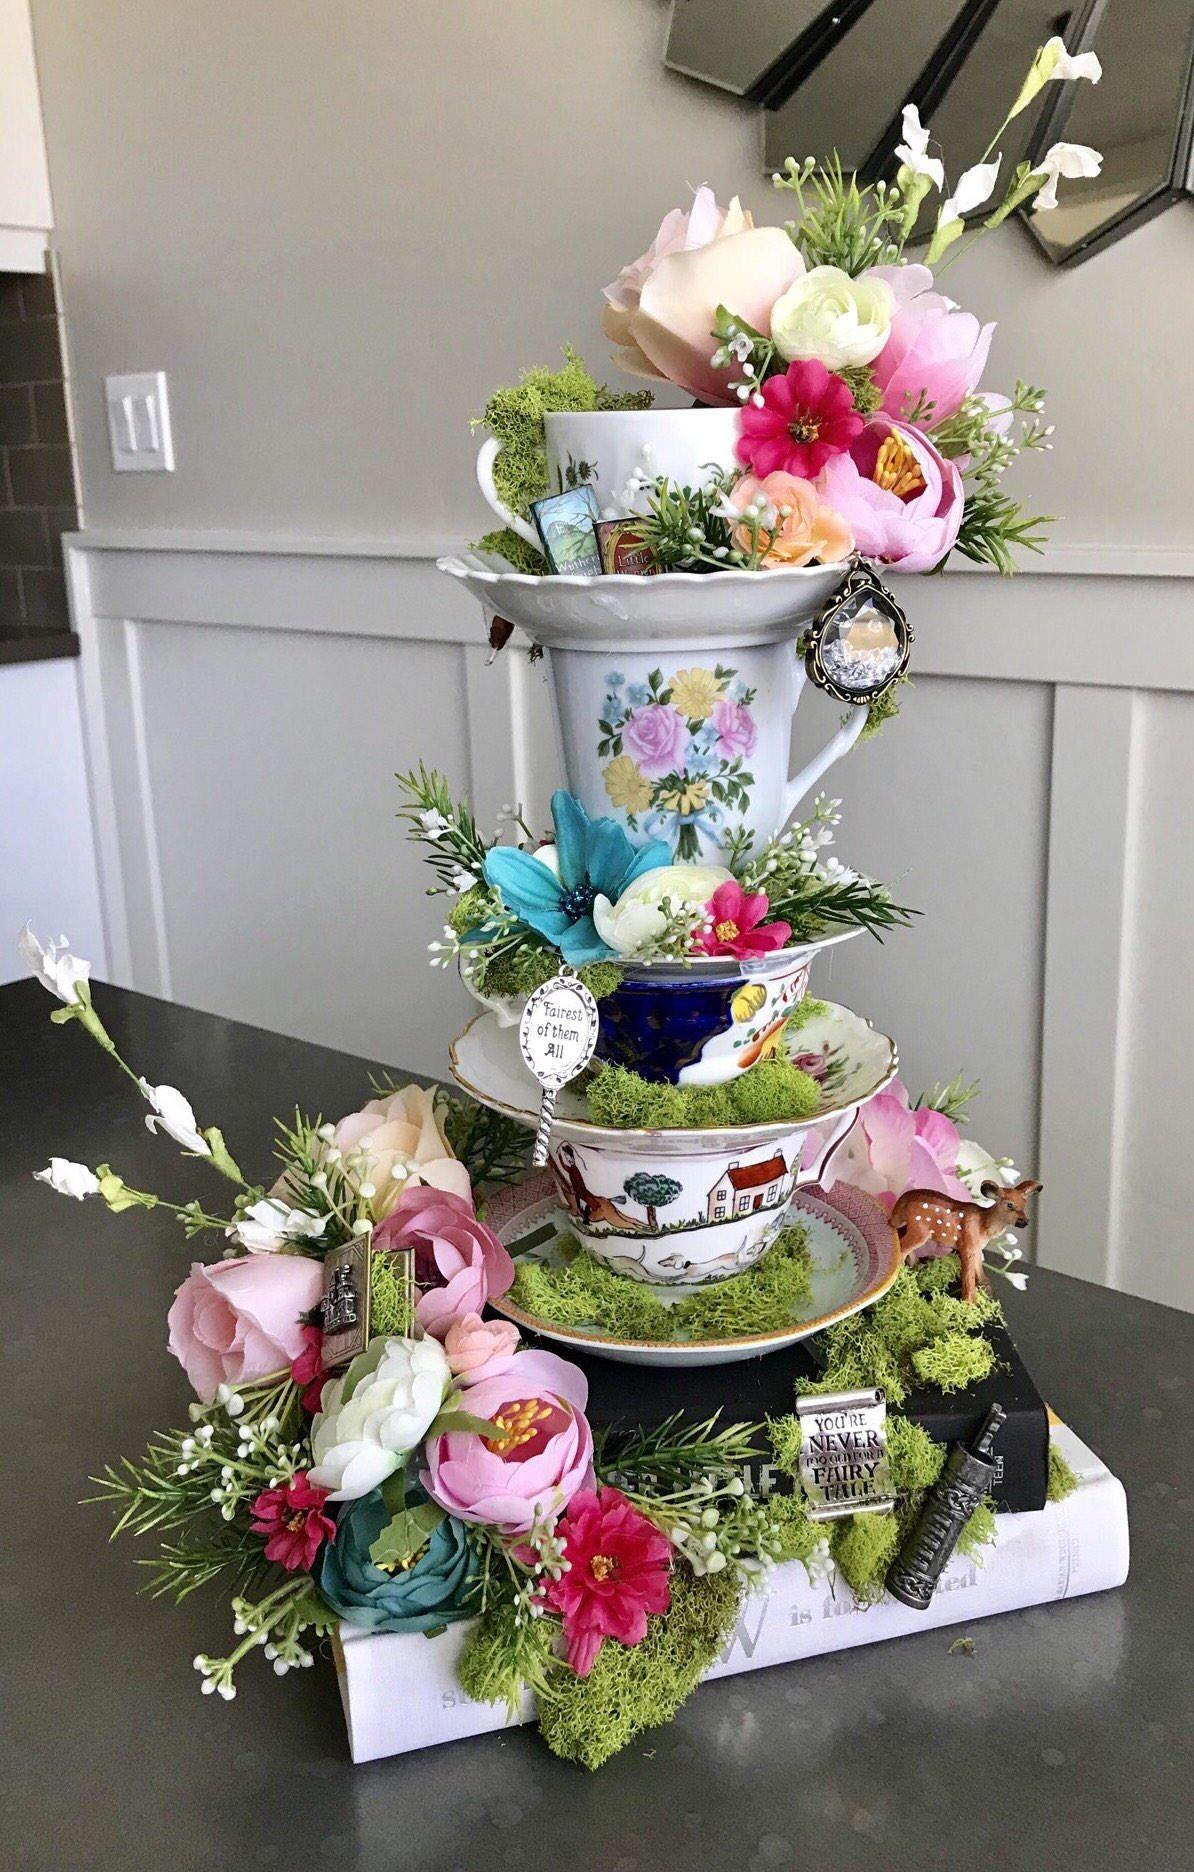 Alice In Wonderland Fairytale On Books Boho Tea Party Centerpiece Baby Wedding Decor Shower Home Garden Centerpieces